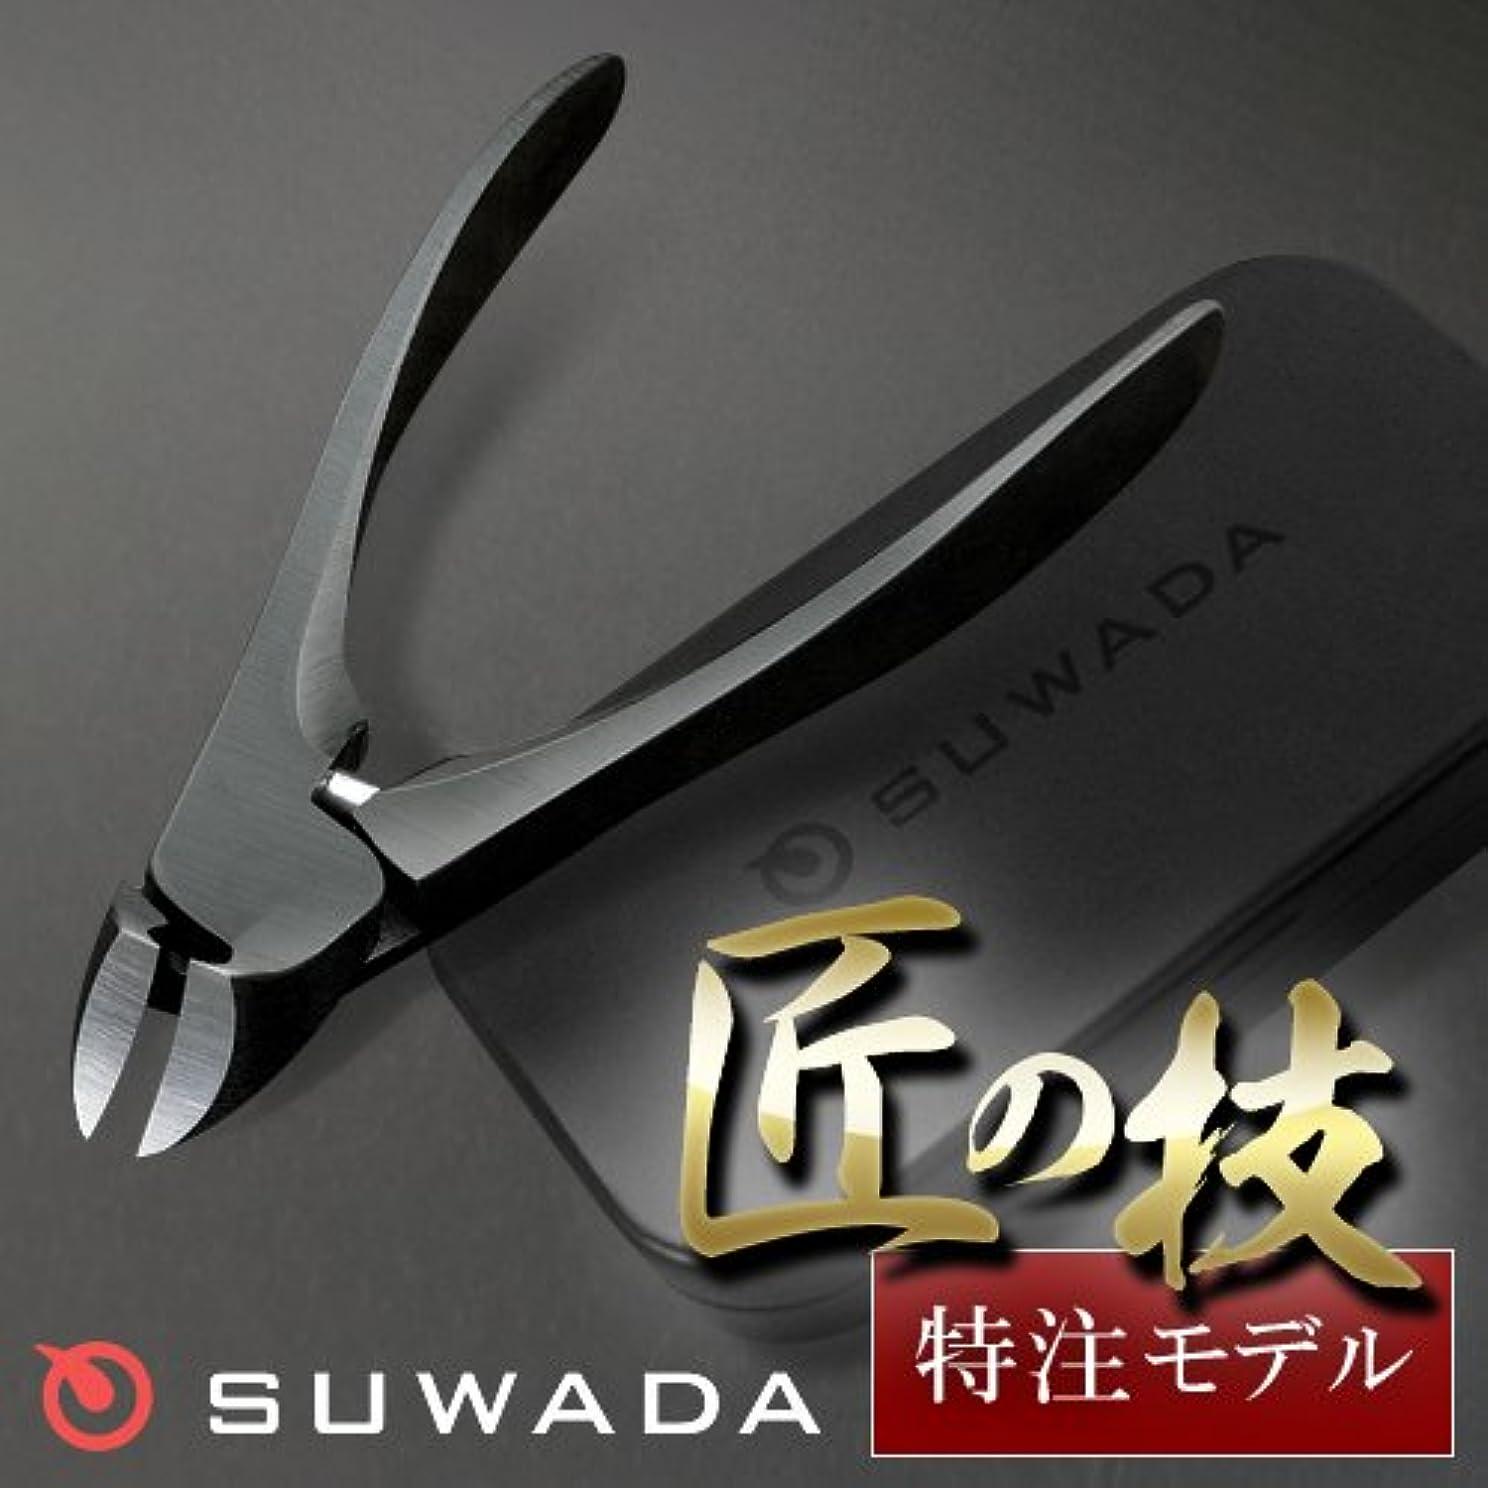 パスポート薬剤師人物SUWADA爪切りブラックL&メタルケースセット 特注モデル 諏訪田製作所製 スワダの爪切り